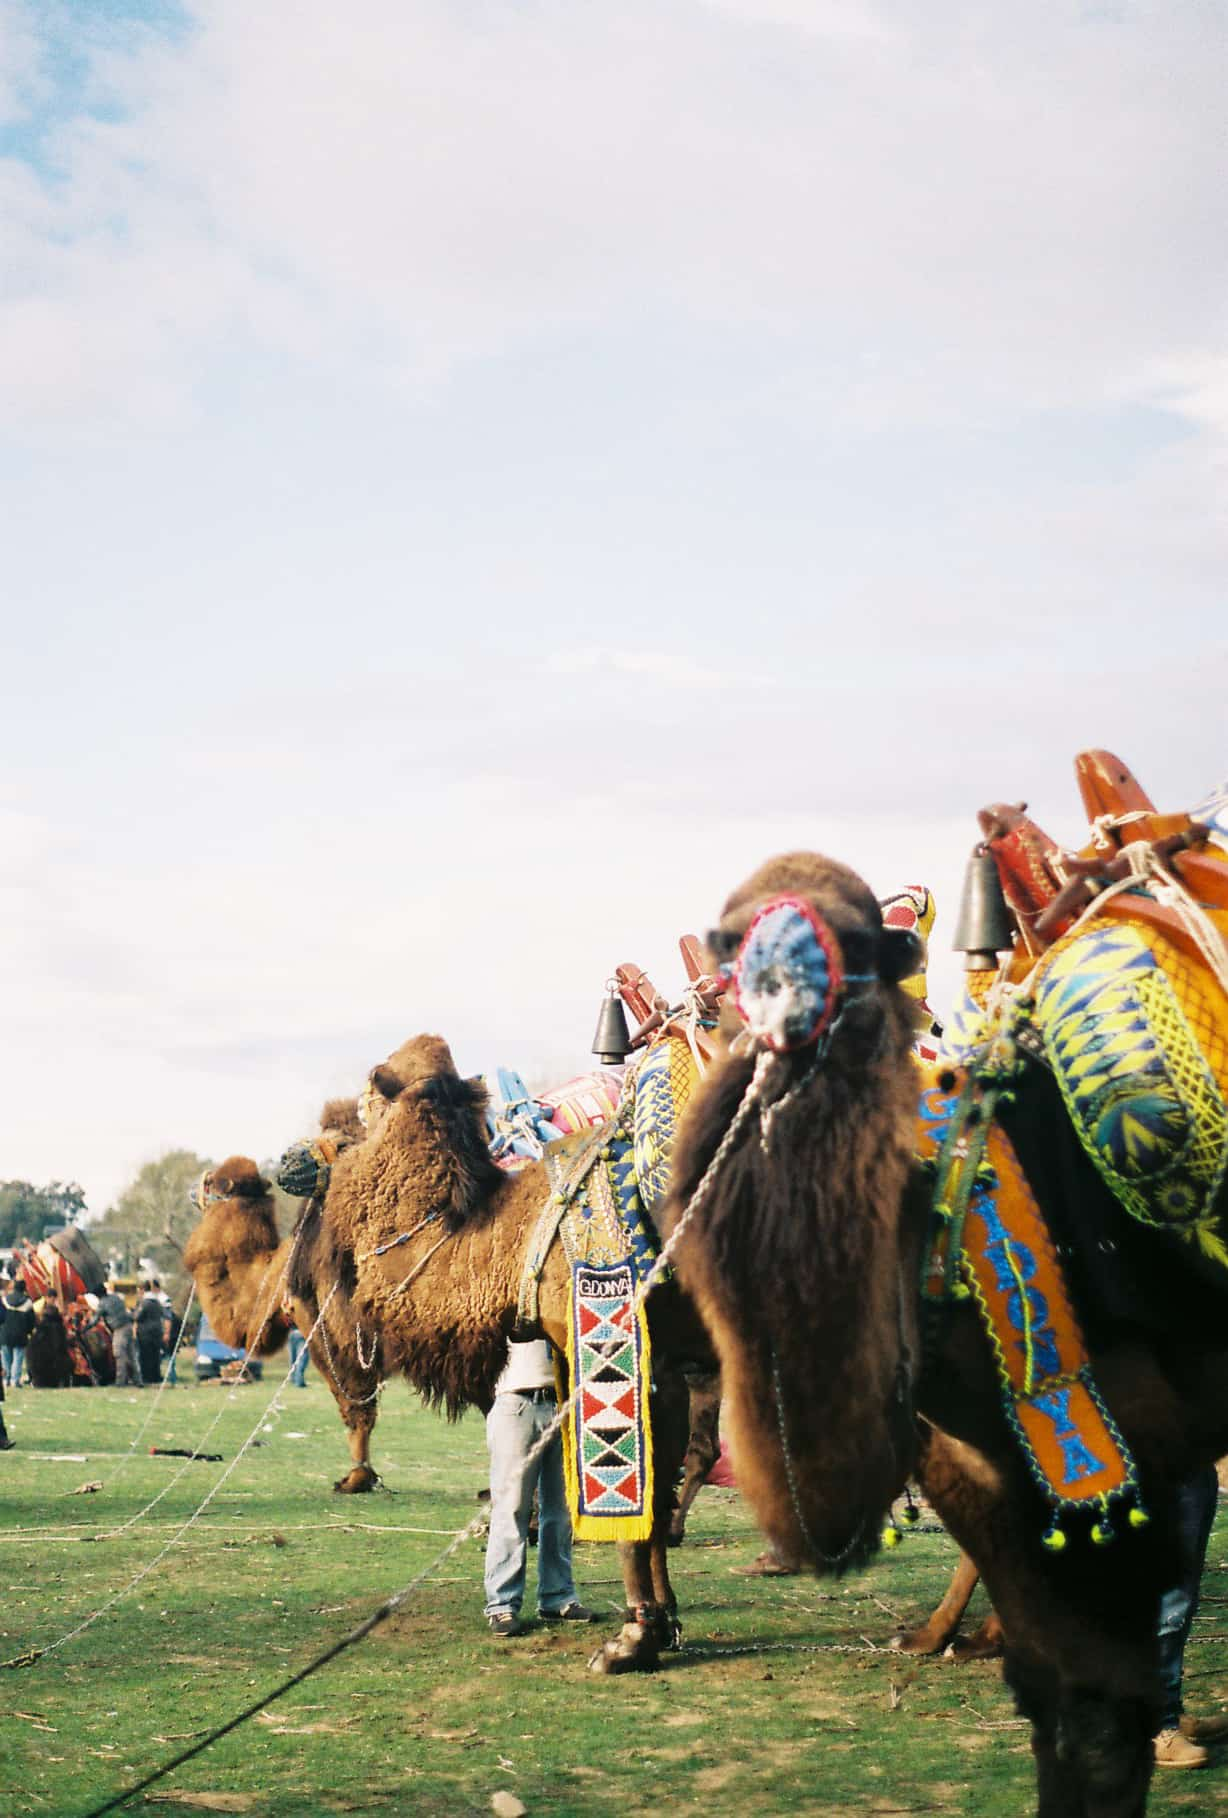 Camels (camel wrestling festival)